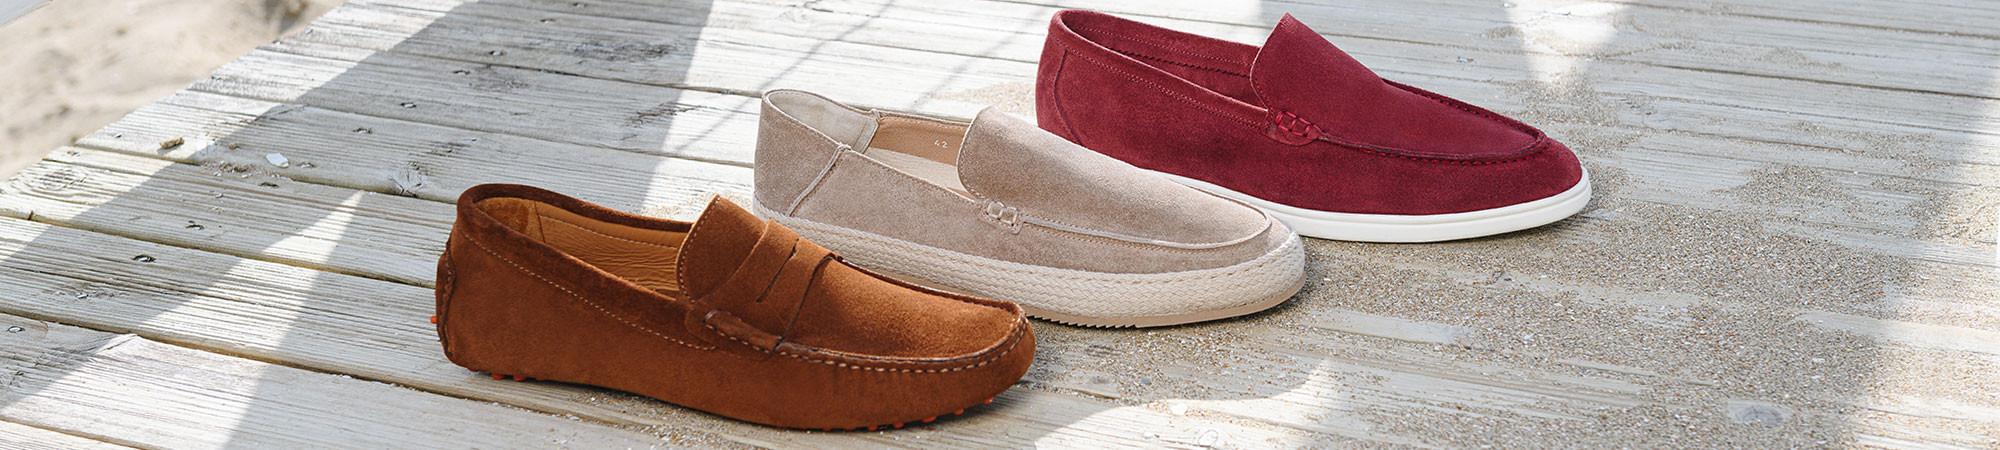 Chaussures décontractées et tendances pour homme - Emling Urban Chic